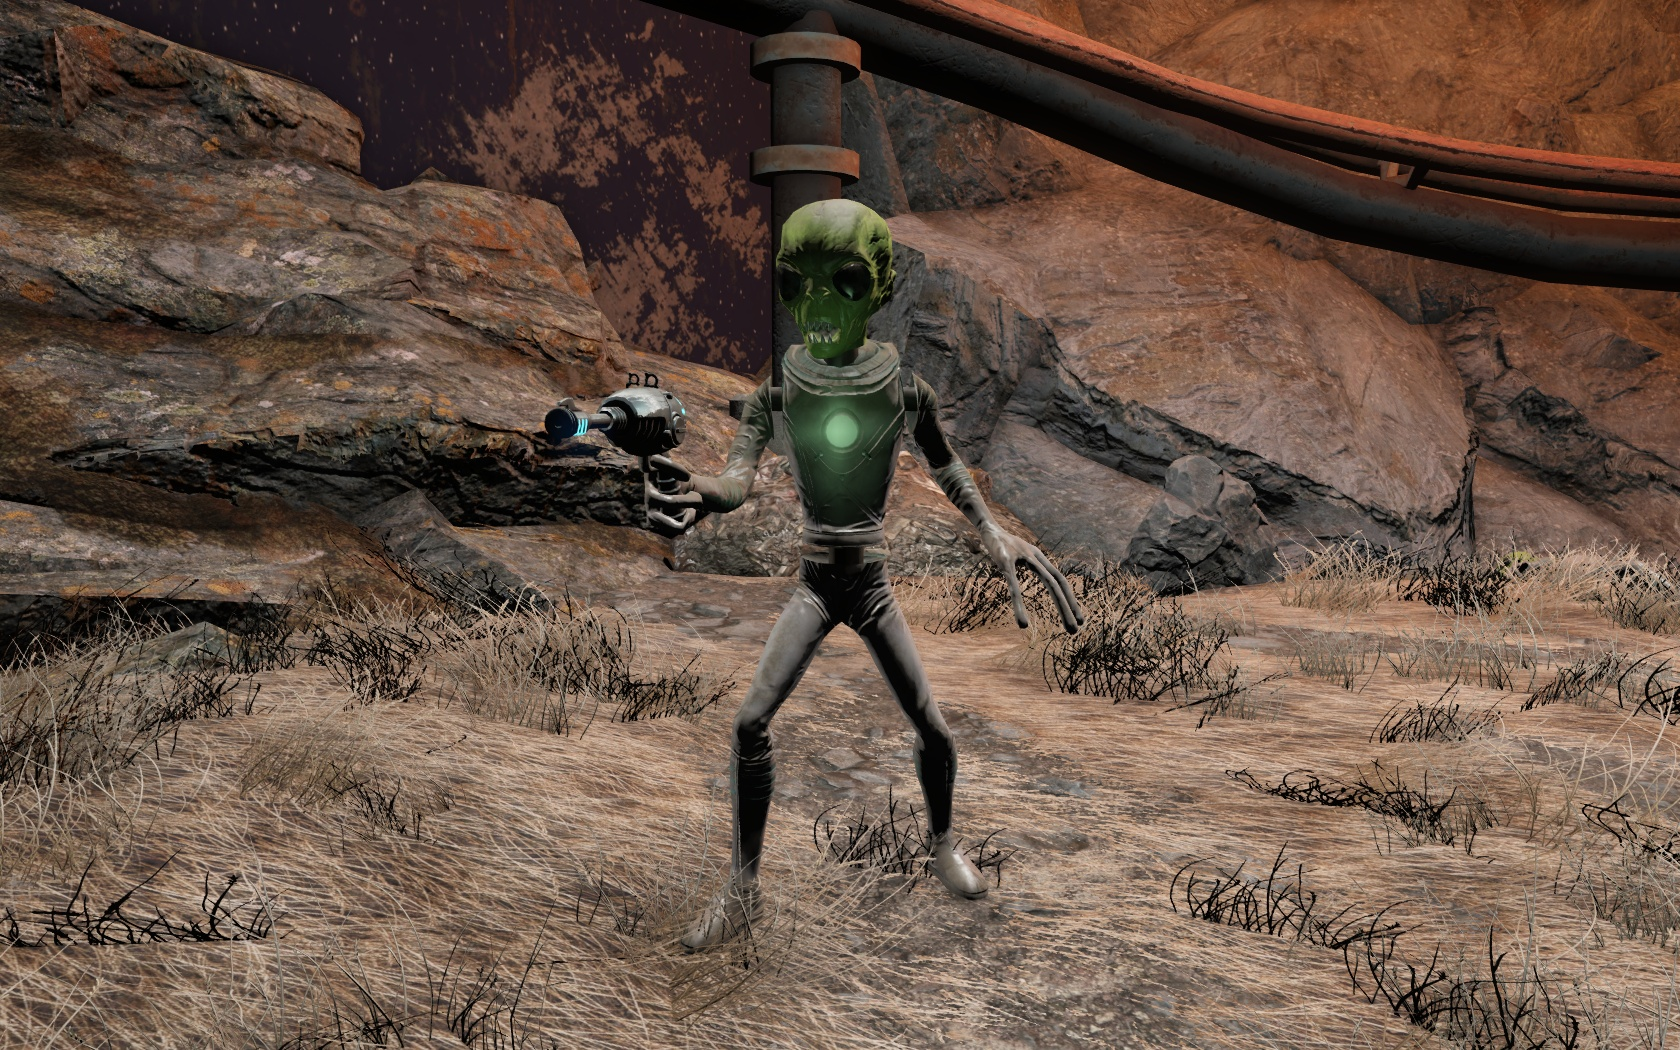 Аниматронный пришелец (Ядер-Мир, Ядер-Галактика) - Fallout 4 Nuka World, Аниматронный, пришелец, Ядер-Галактика, Ядер-Мир